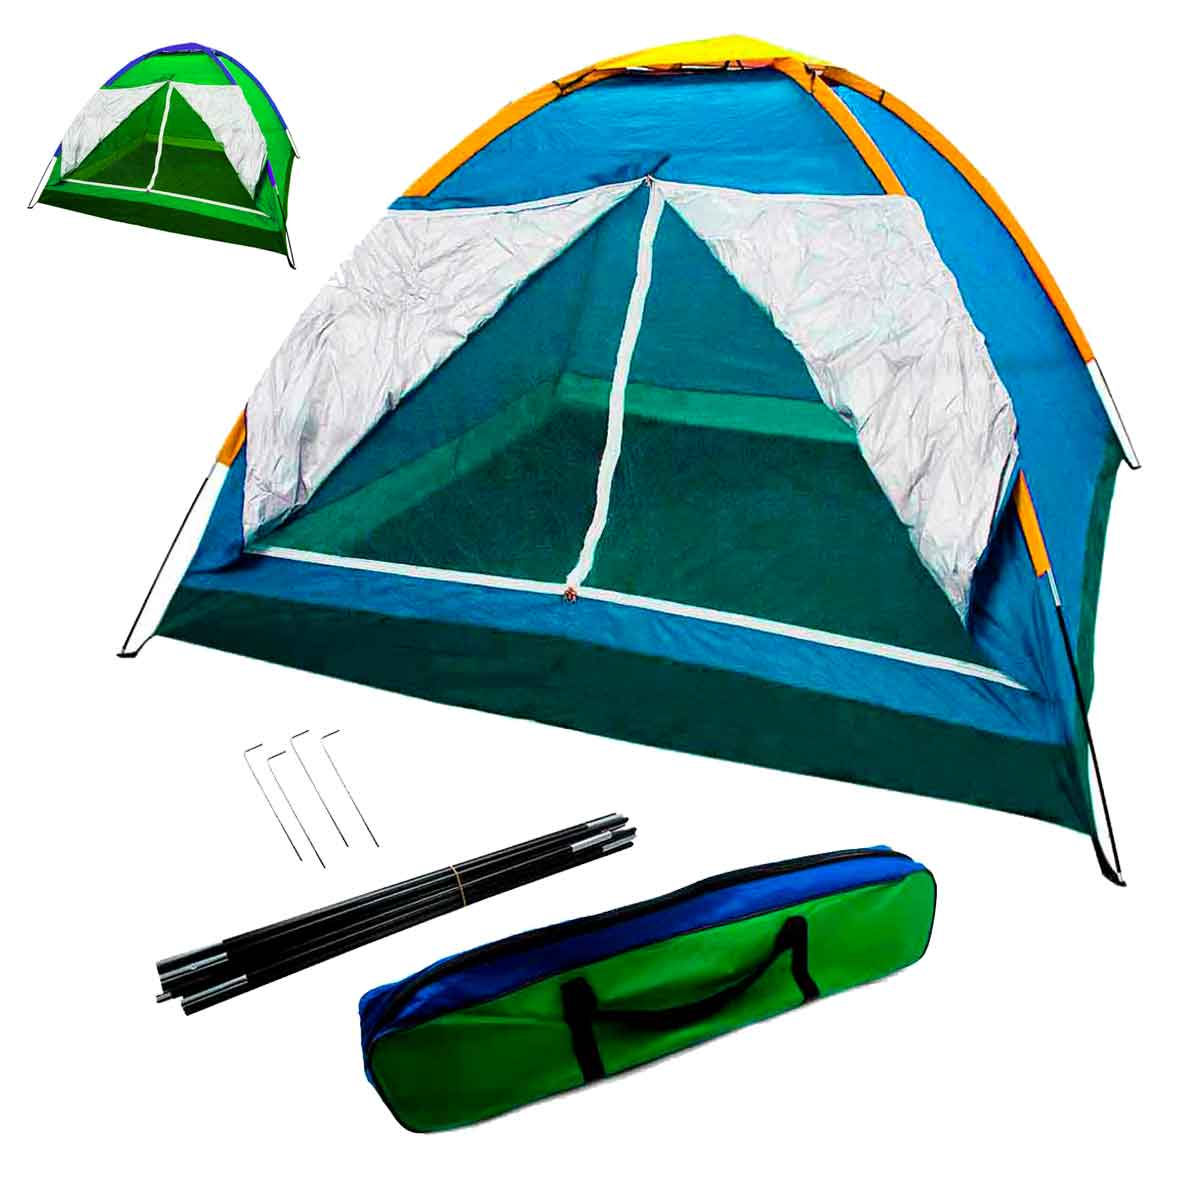 Barraca Camping 2 a 3 Pessoas Iglu Tenda Acampamento Bolsa